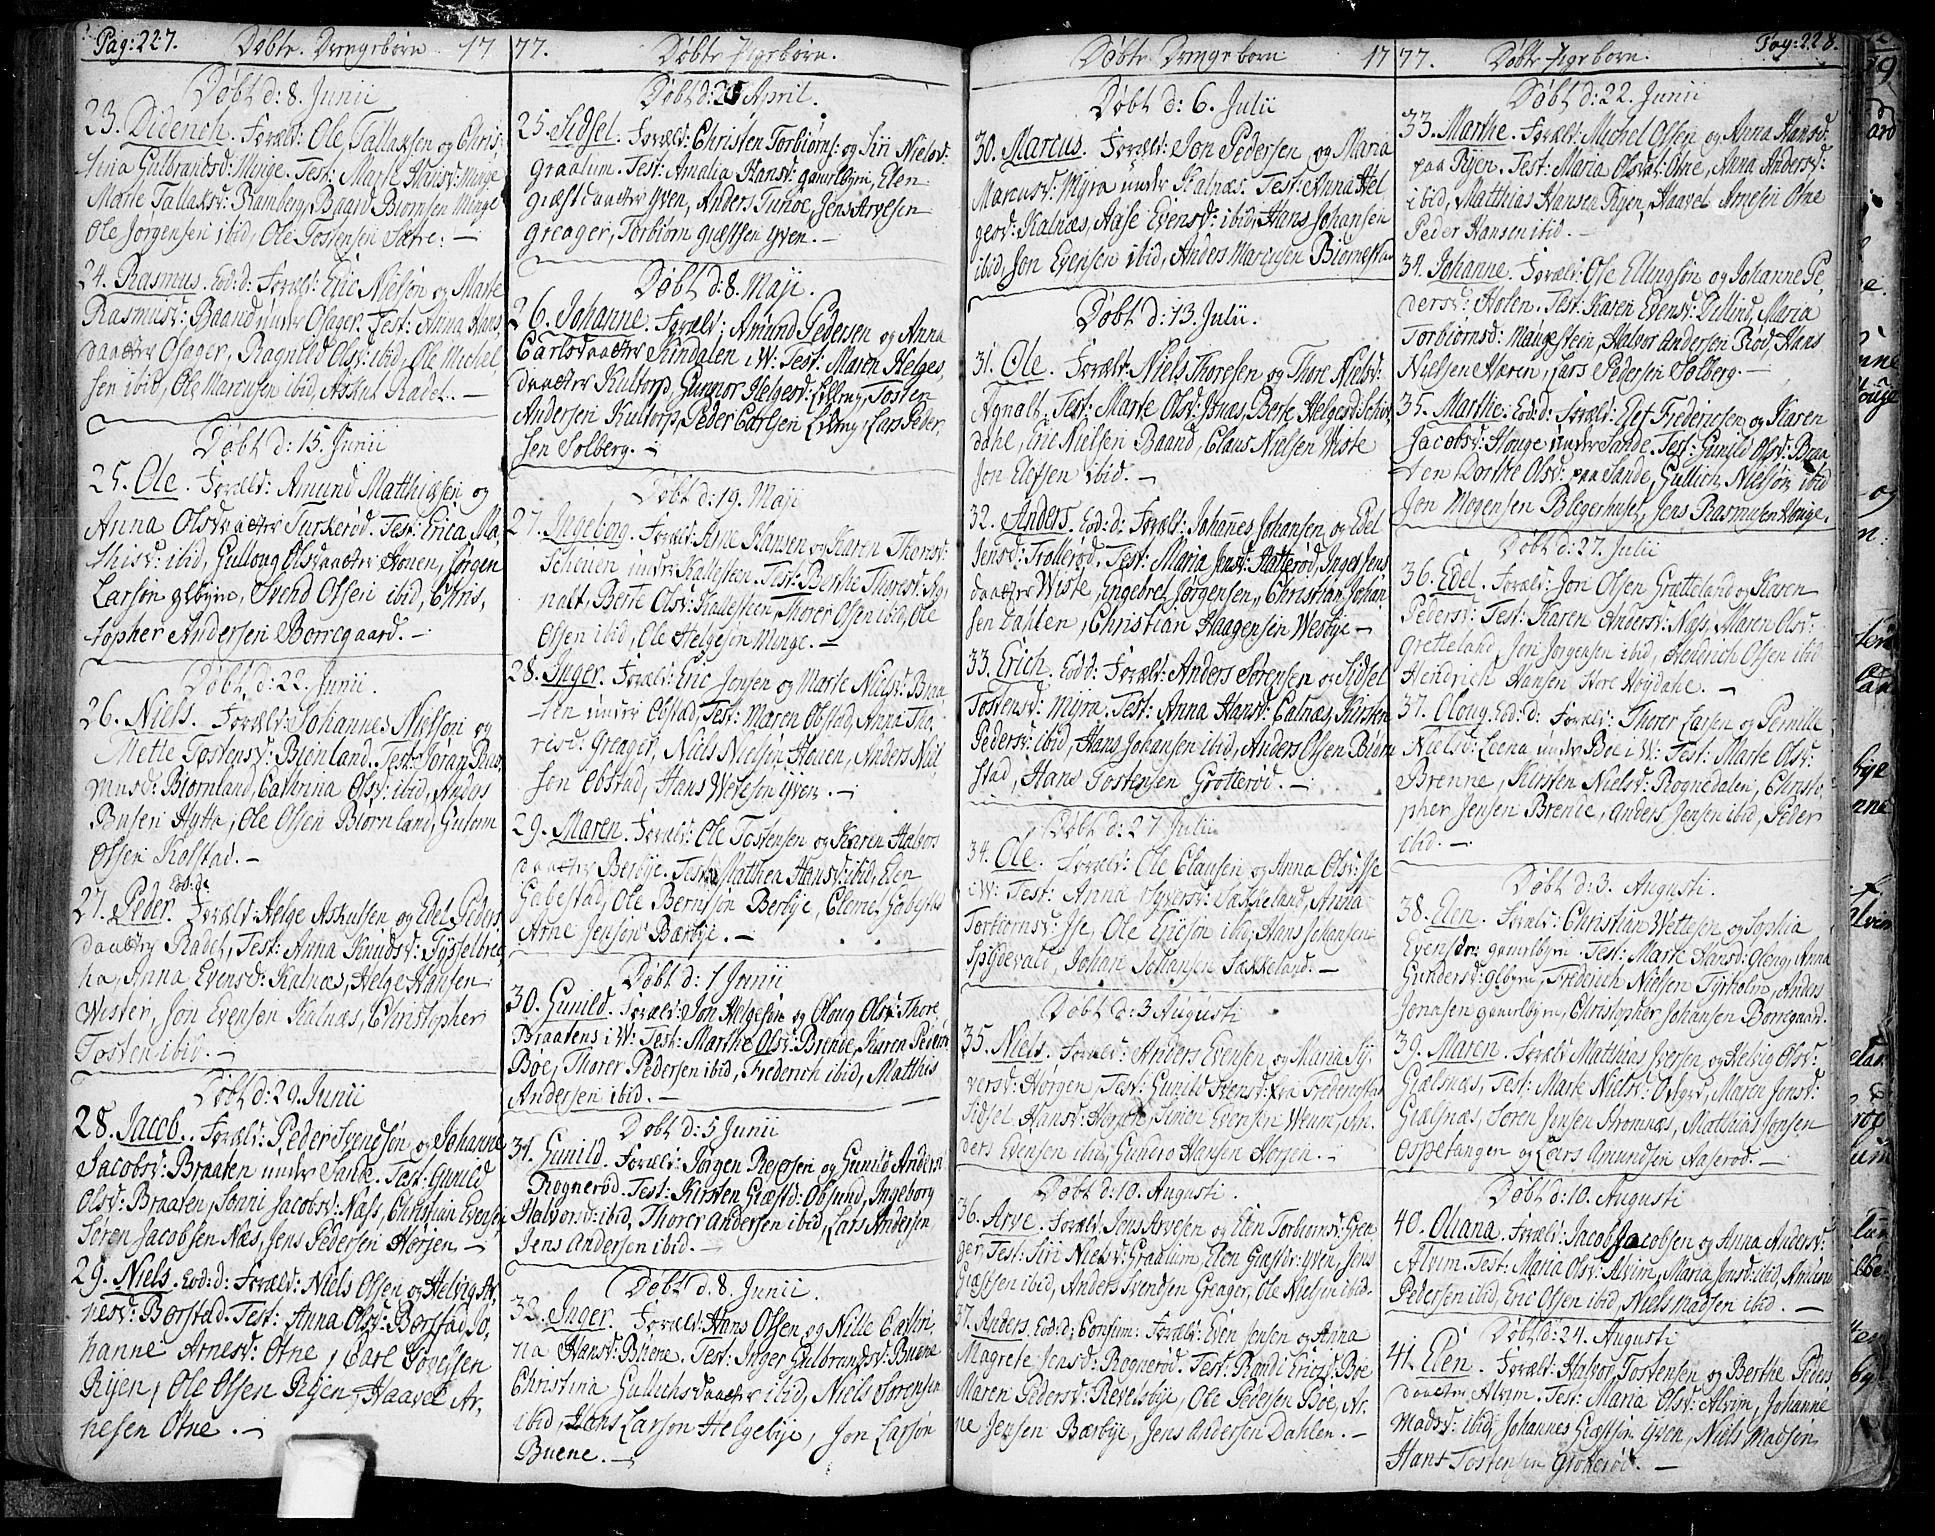 SAO, Tune prestekontor Kirkebøker, F/Fa/L0002: Ministerialbok nr. 2, 1758-1781, s. 227-228